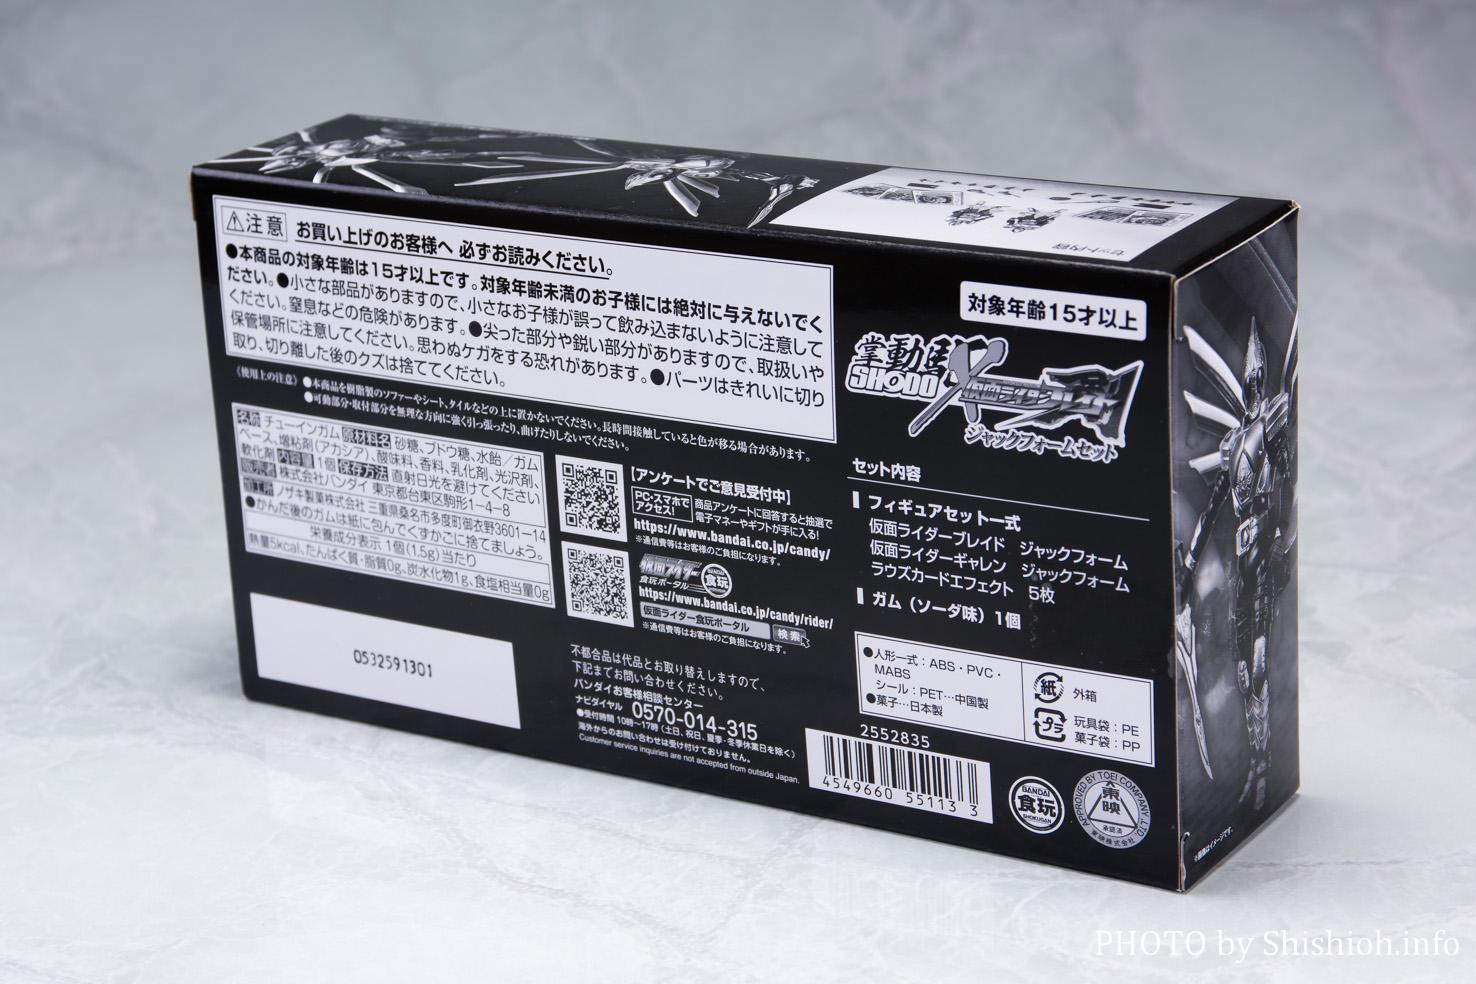 SHODO-X 仮面ライダー剣 ジャックフォームセット